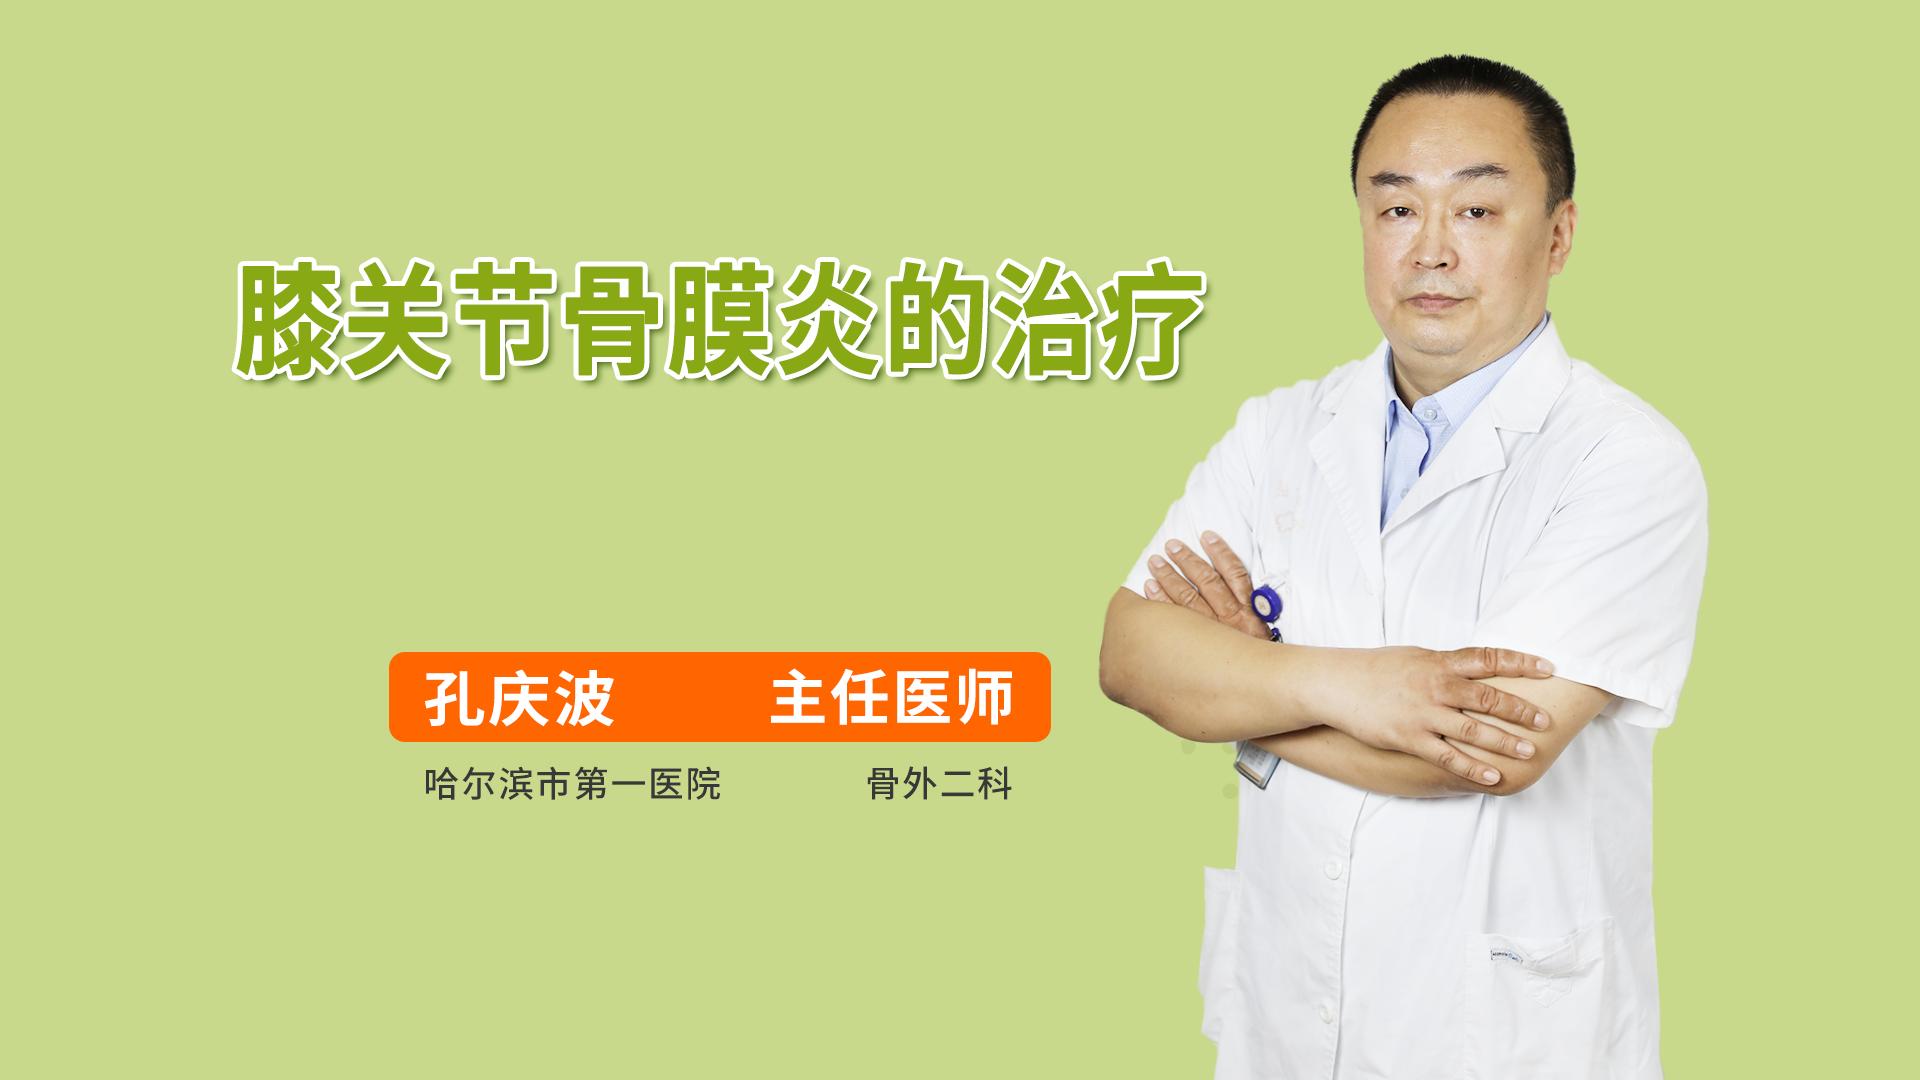 膝关节骨膜炎的治疗